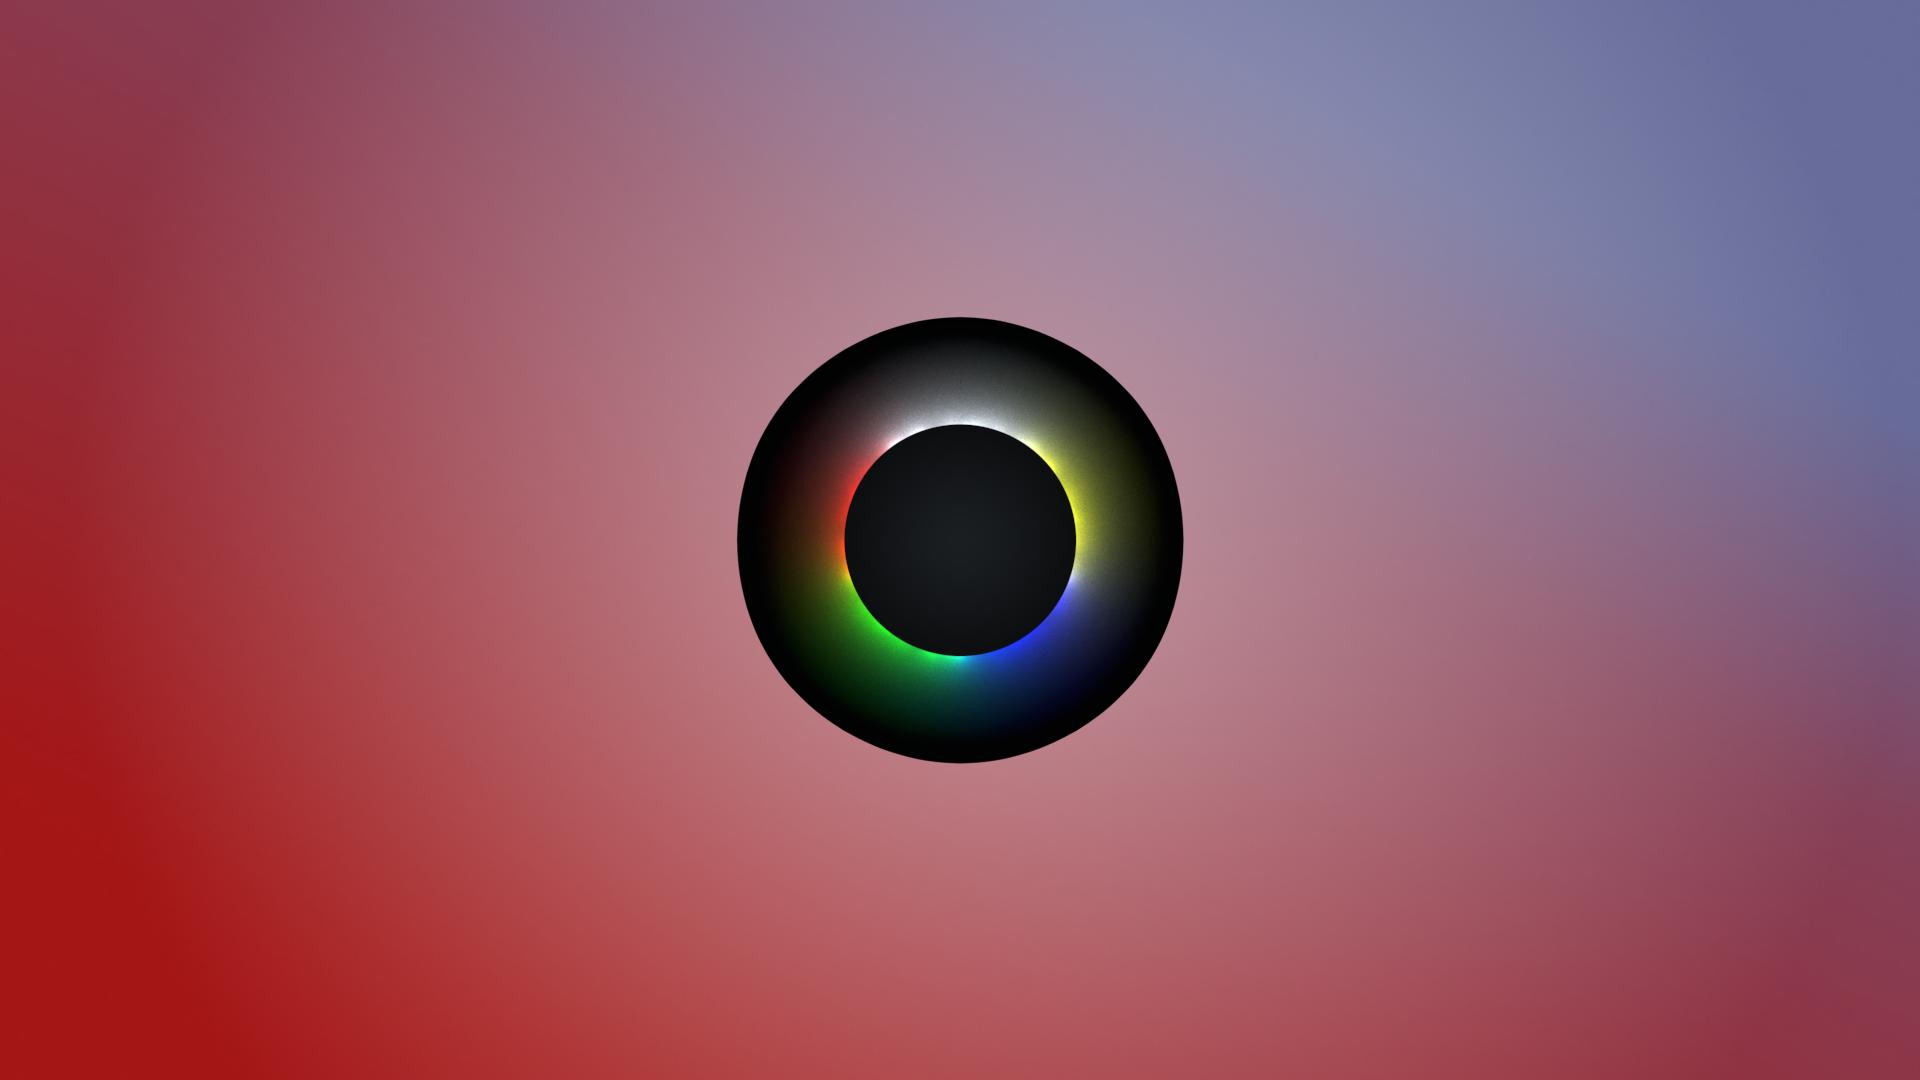 Glowing Progress by 16777216